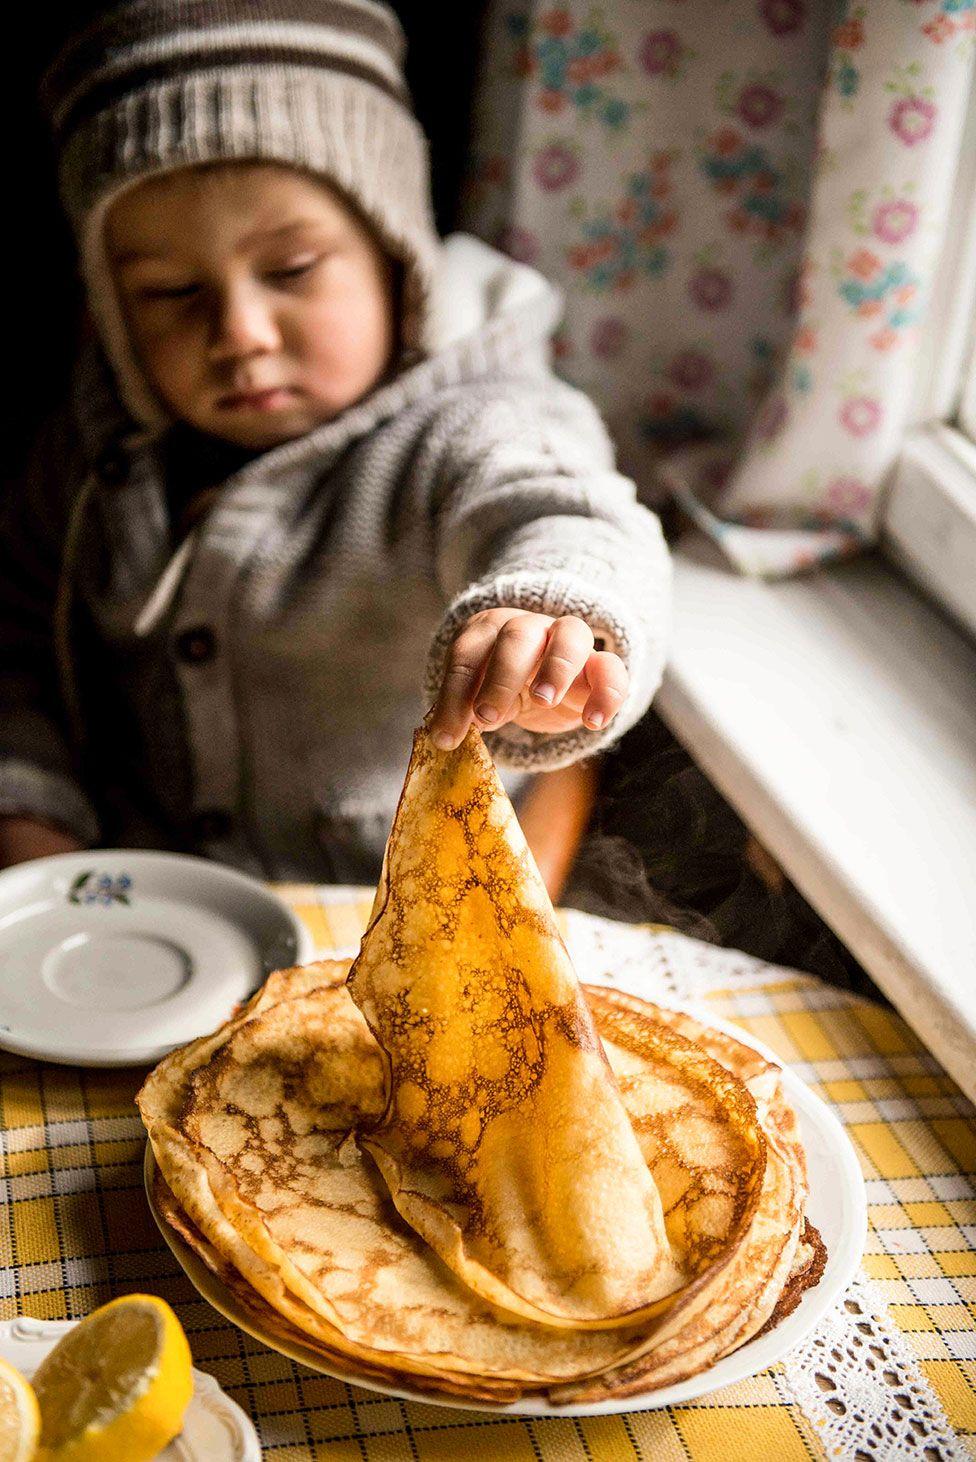 طفل يلتقط فطيرة من طبق